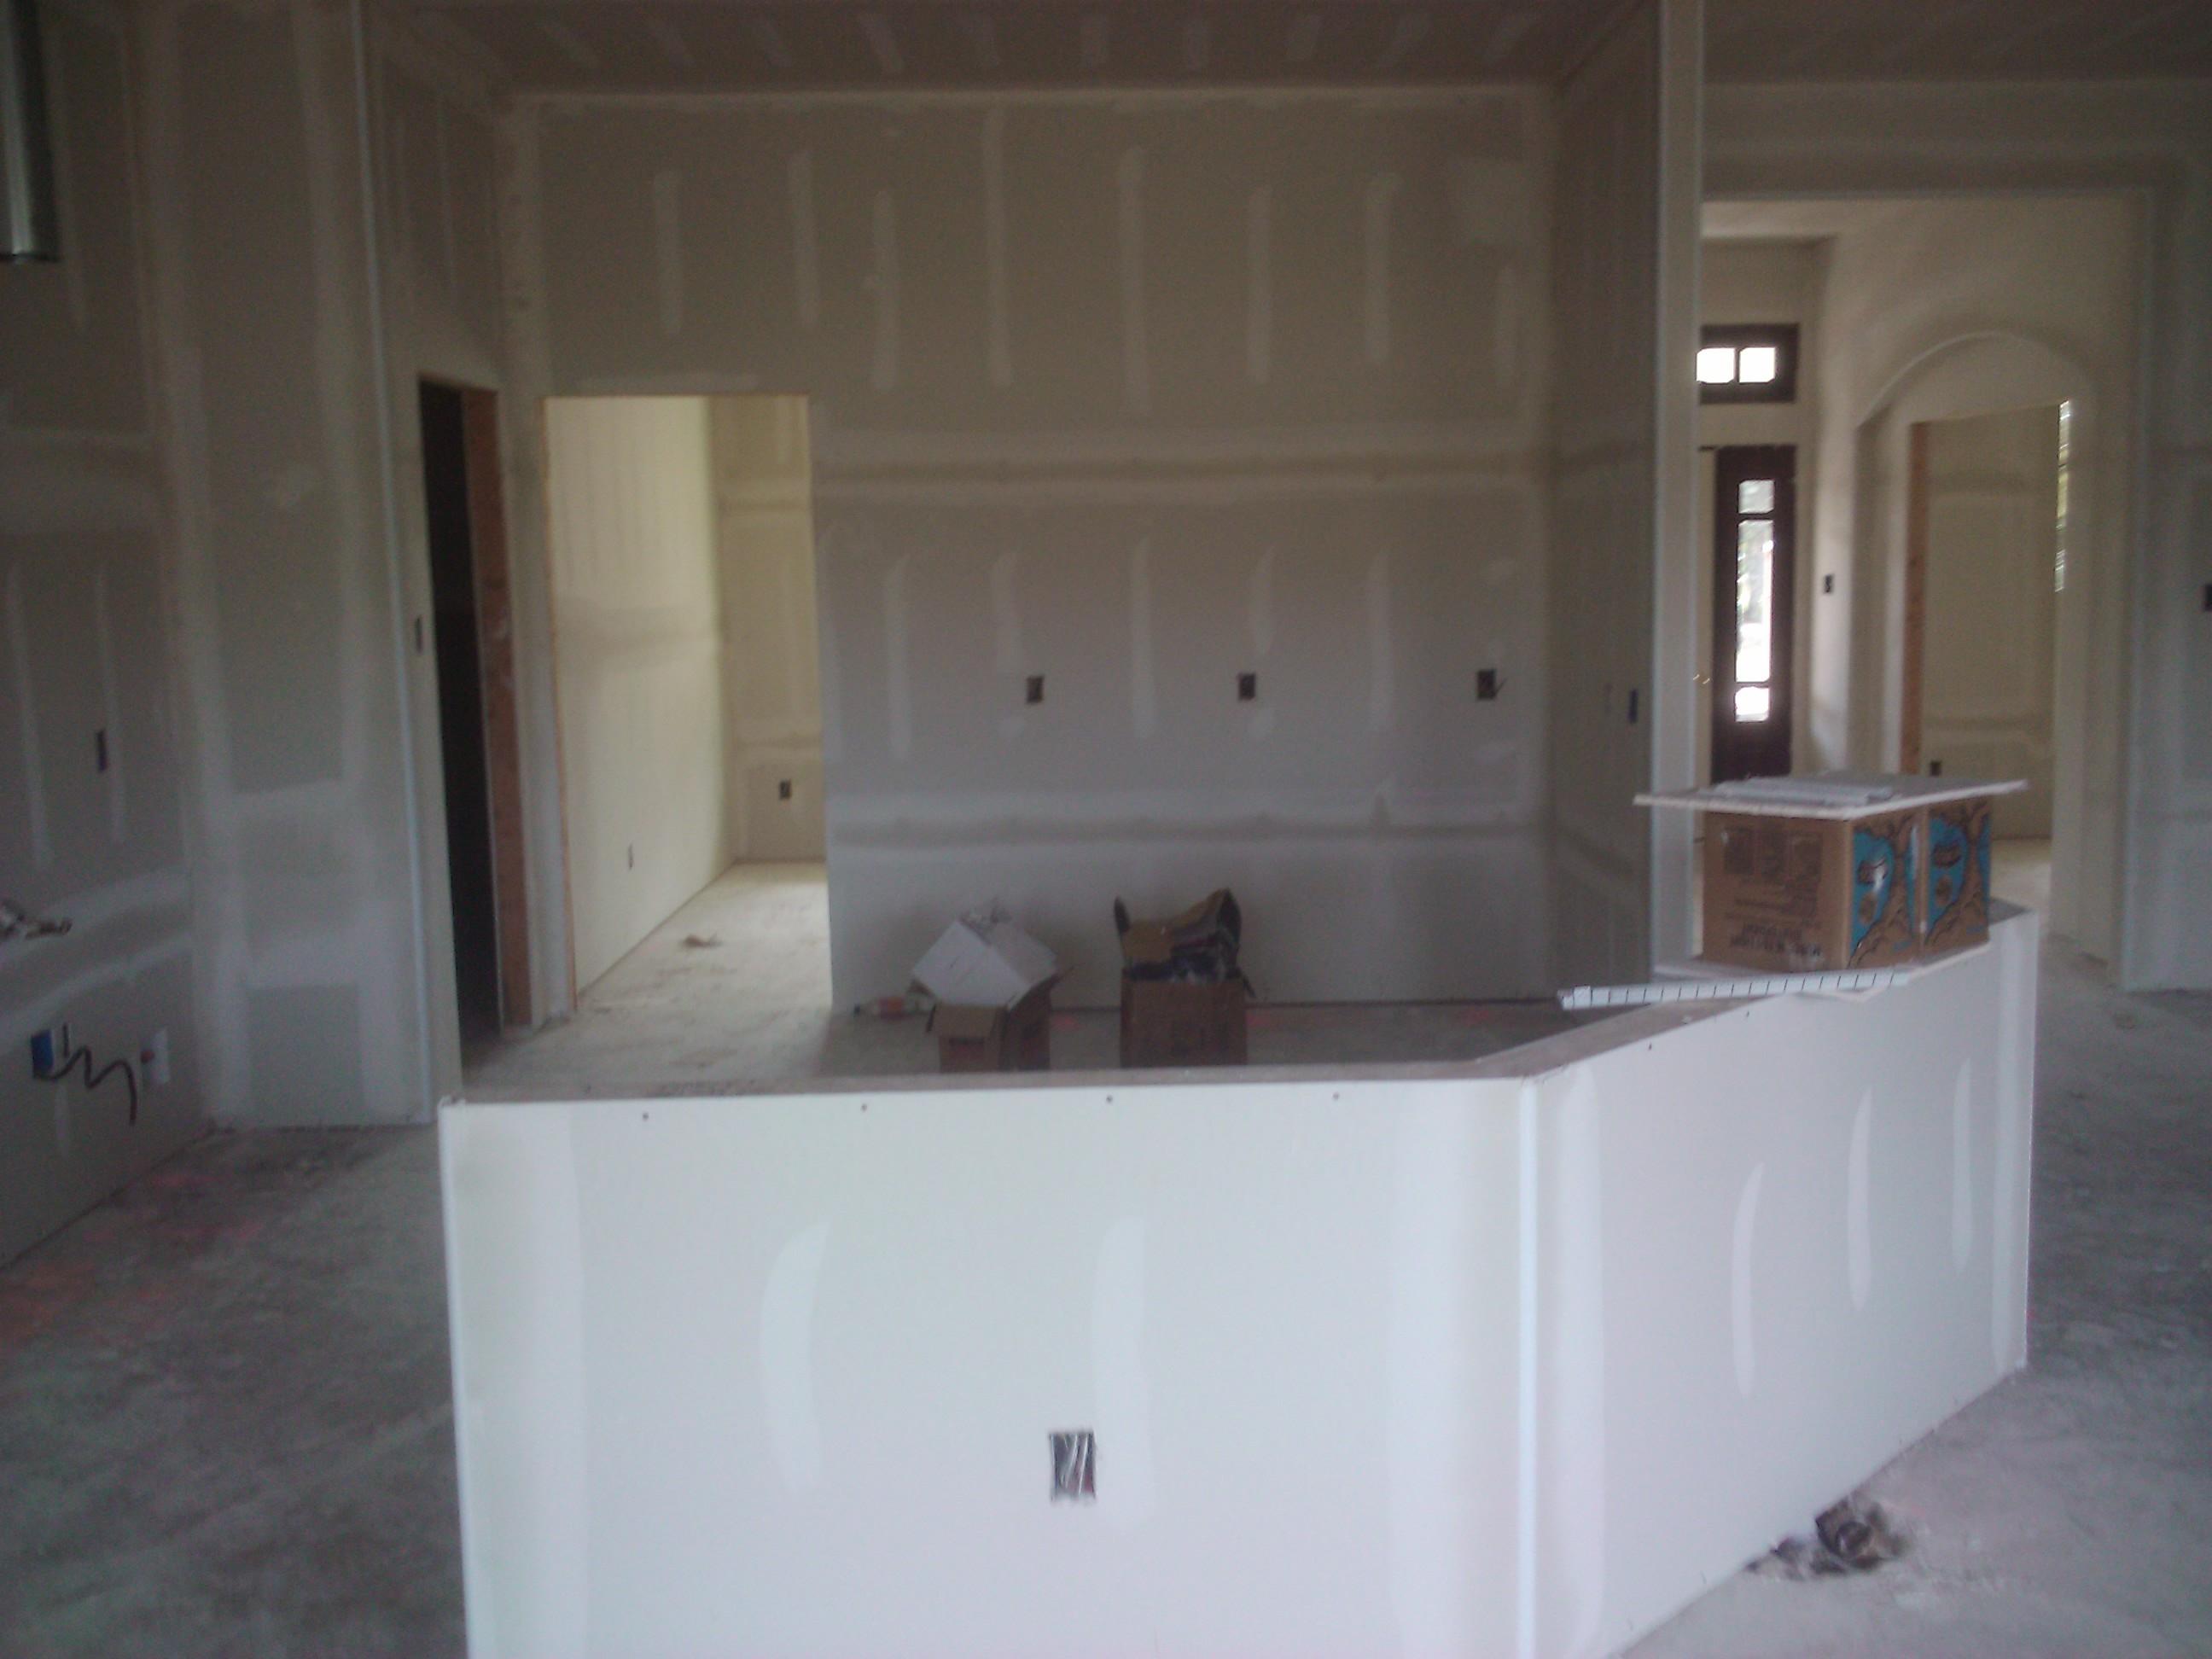 CONSTRUCTION PICS-120911 049